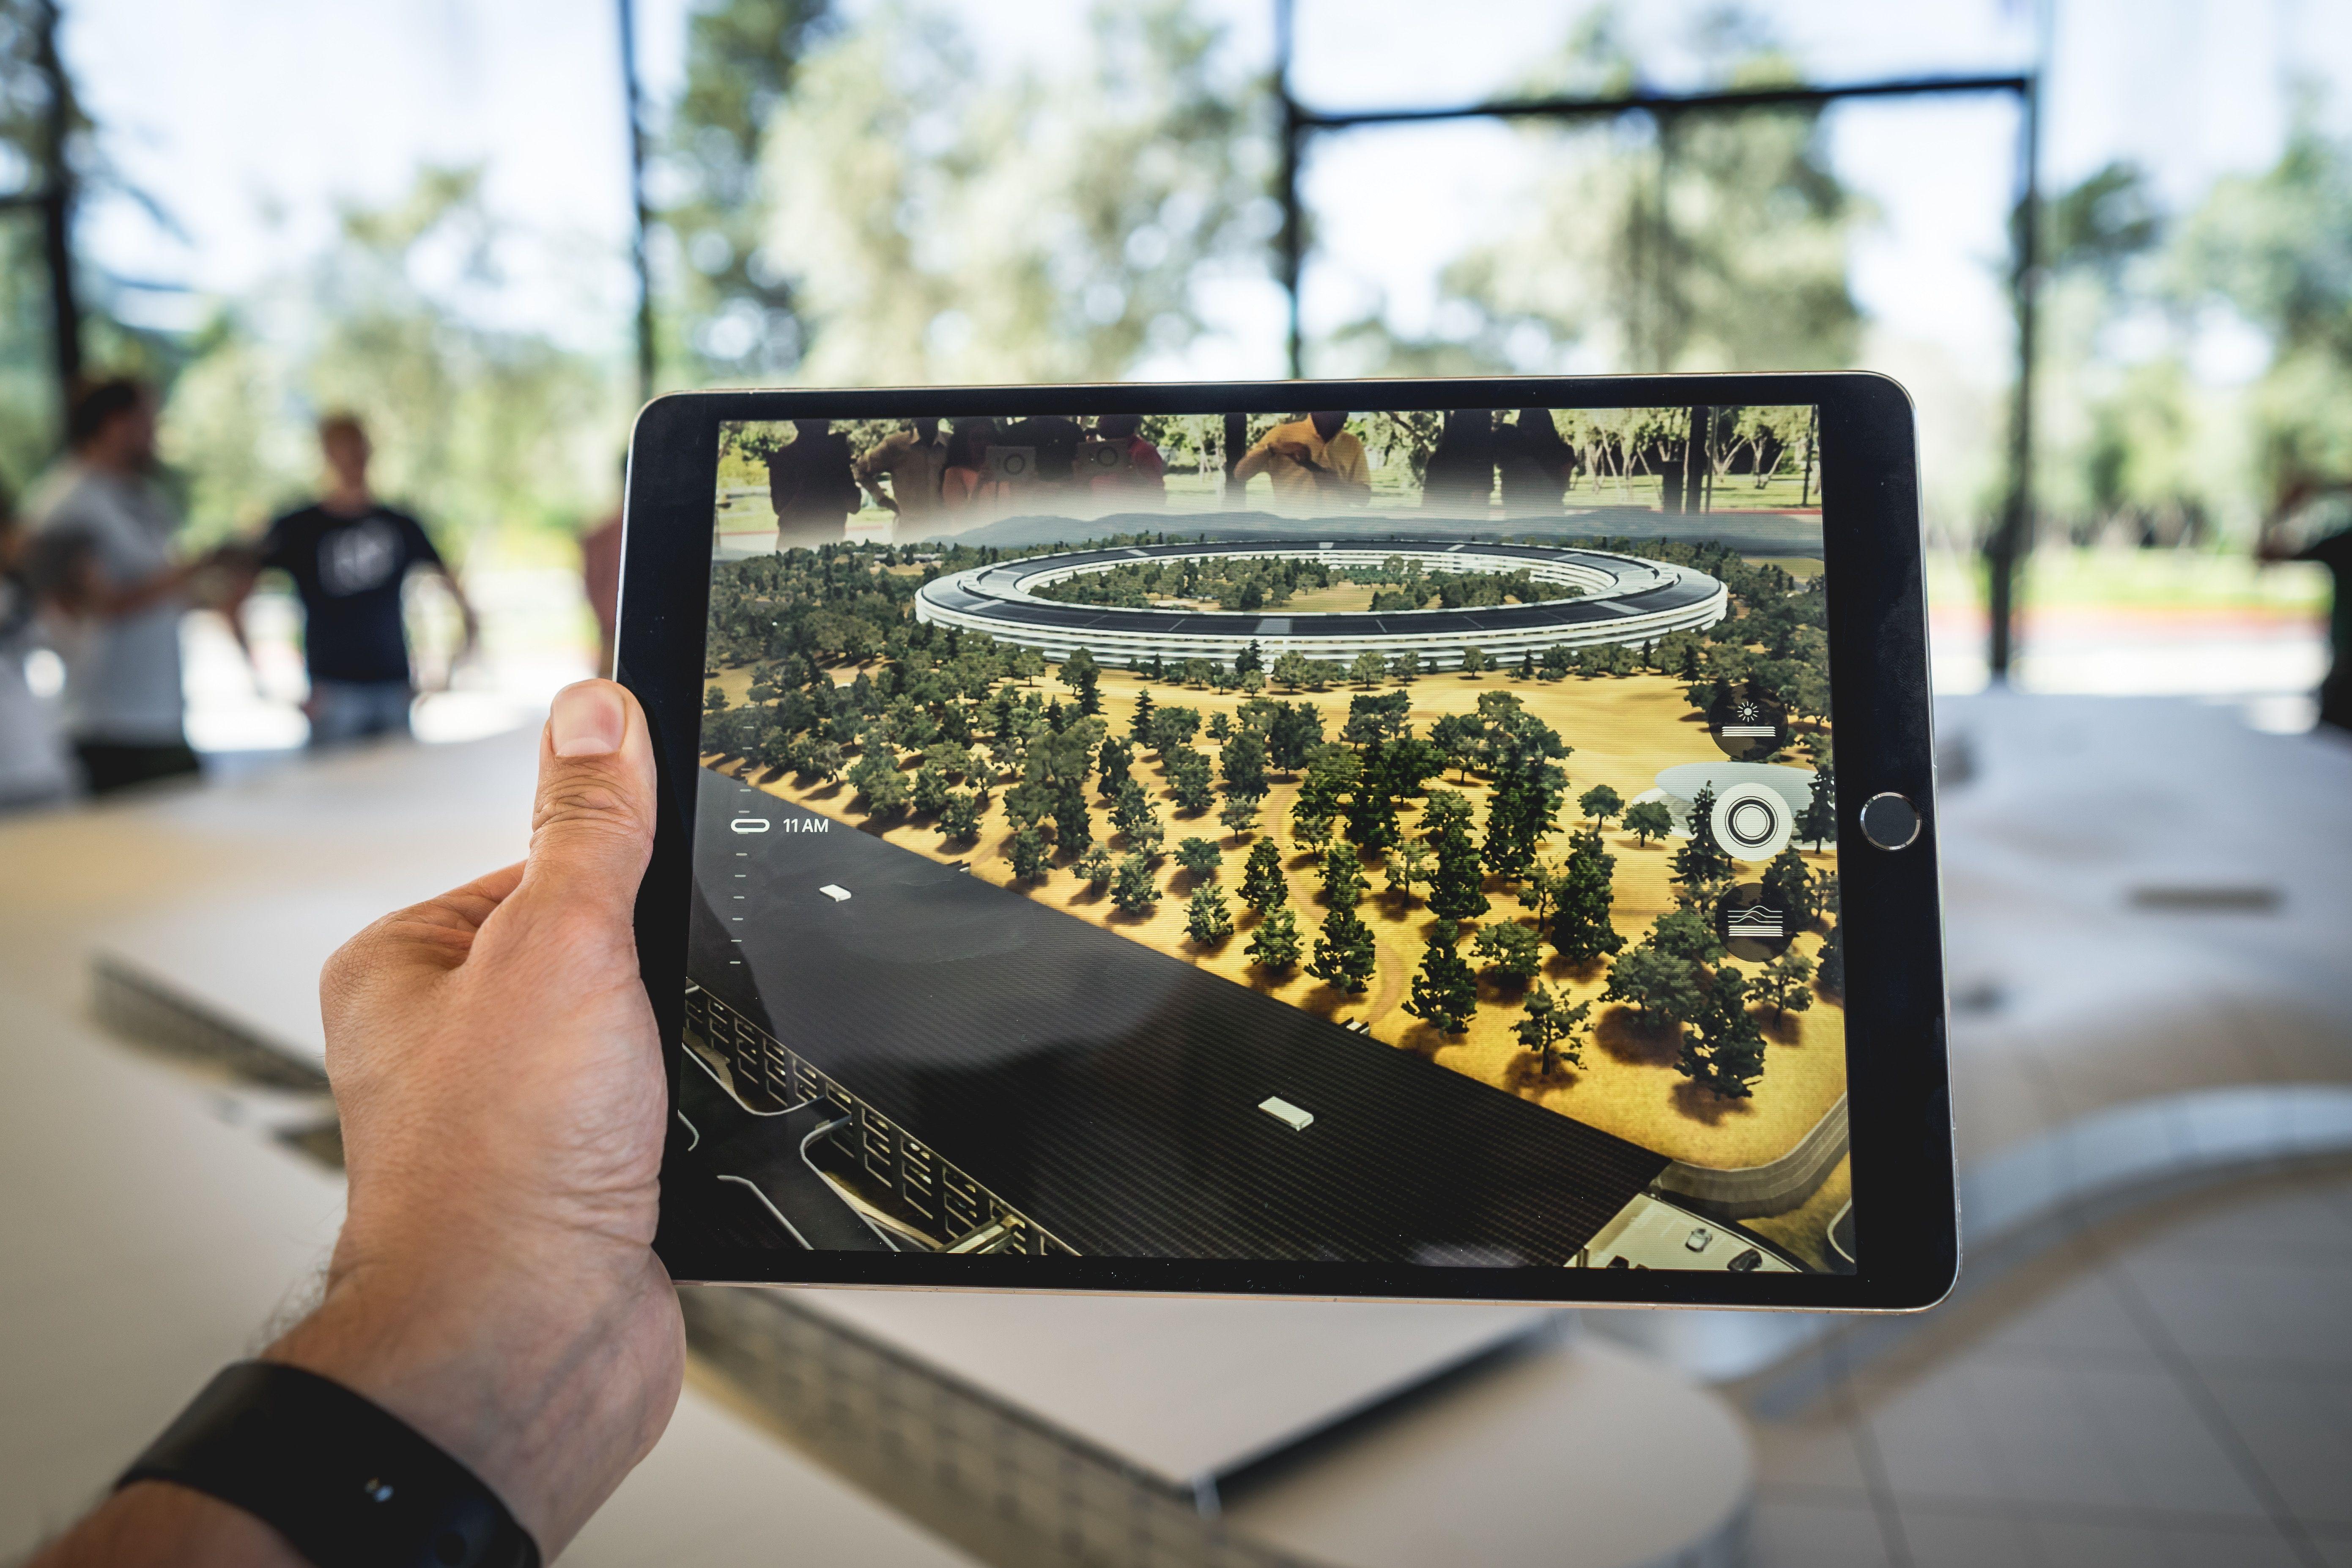 Oferta de modelos de iPad reacondicionado